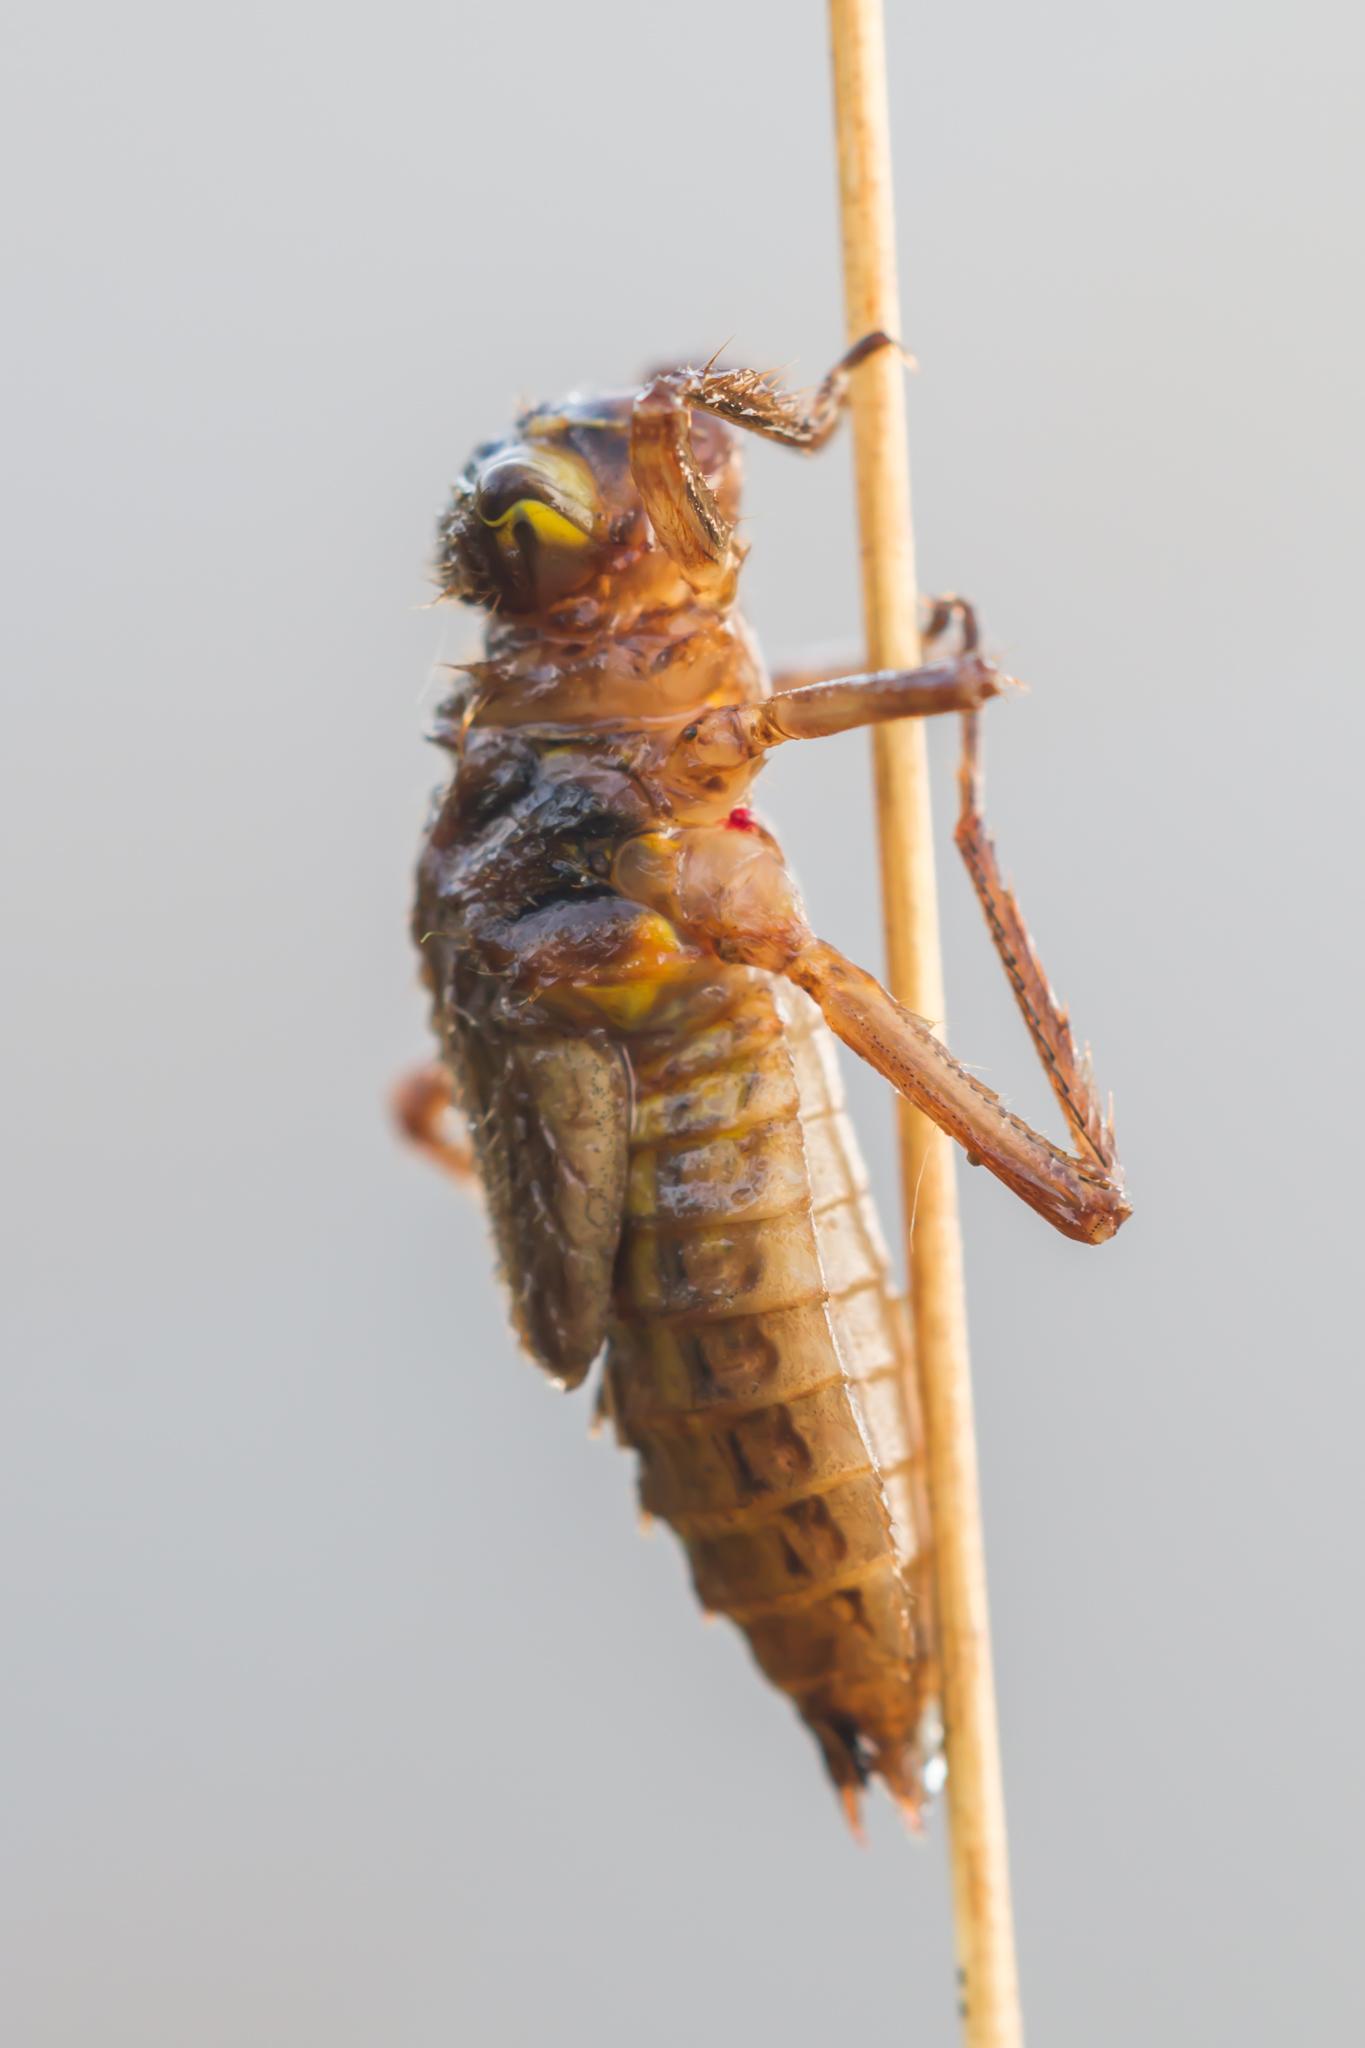 Libellen, larve, Libellenlarve, viervlek, Leersumseveld, Leo Deknatel